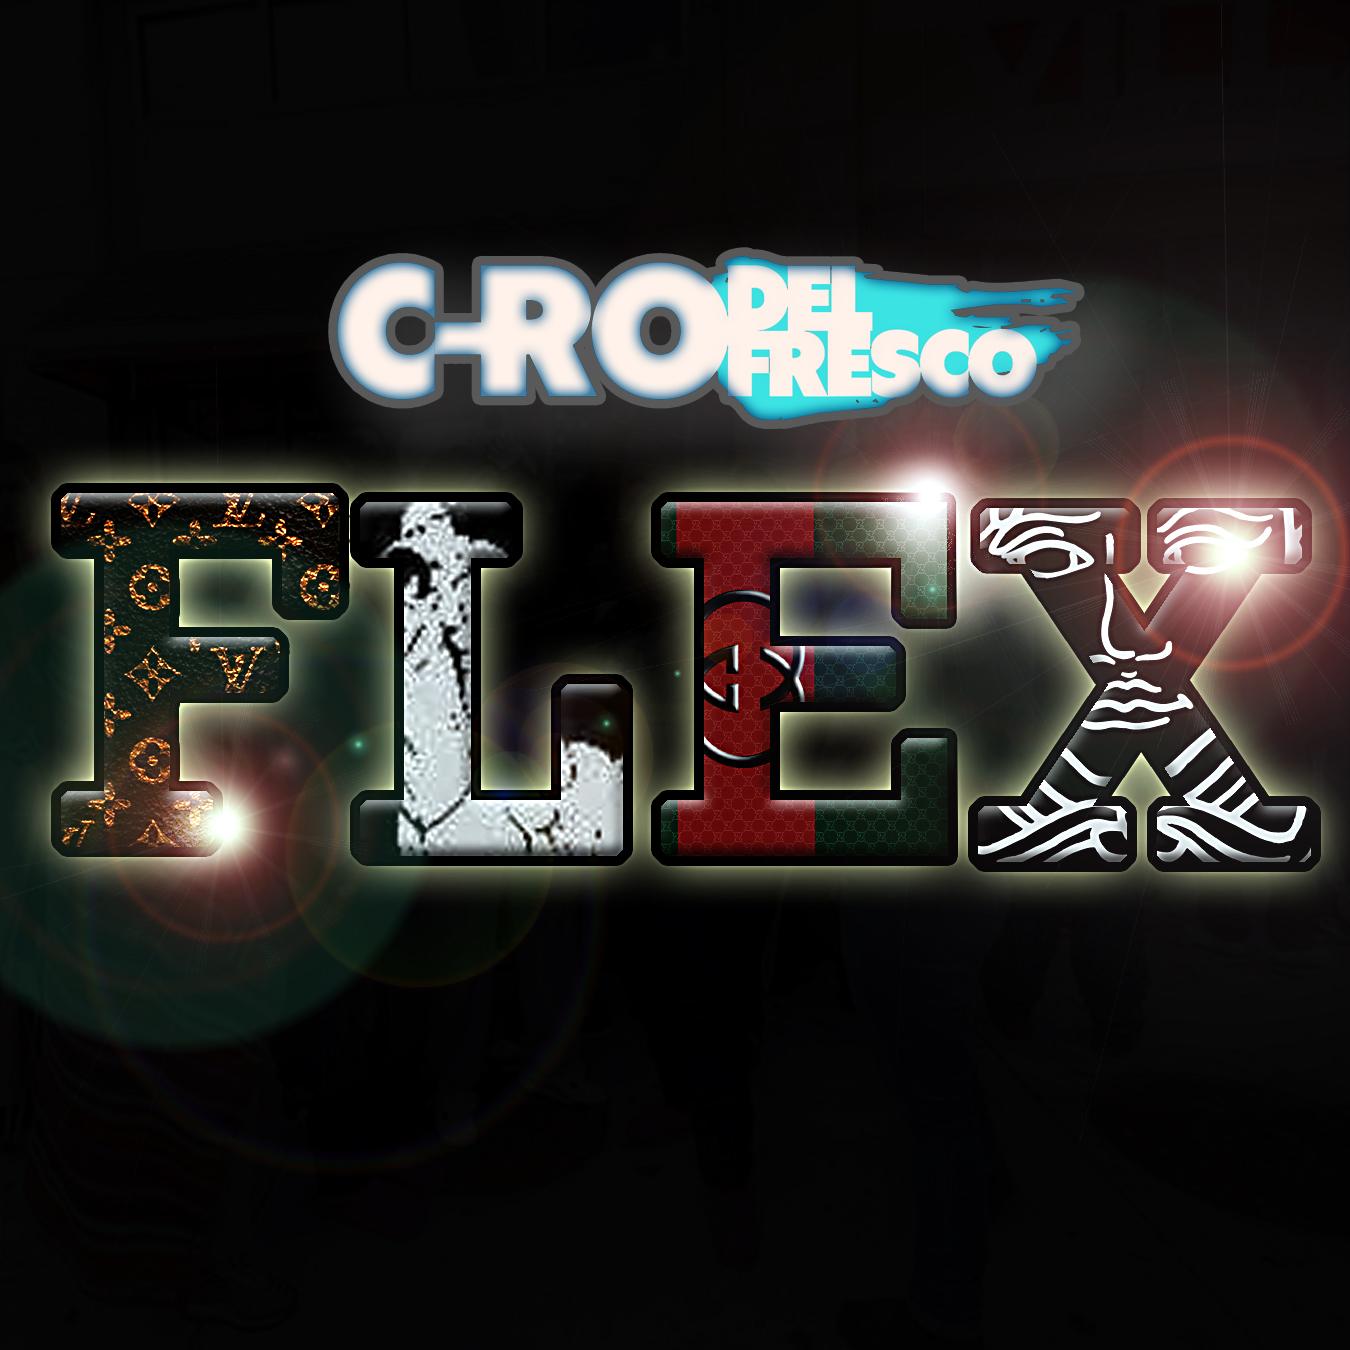 C-Ro Del-Fresco Flex Snippet Art